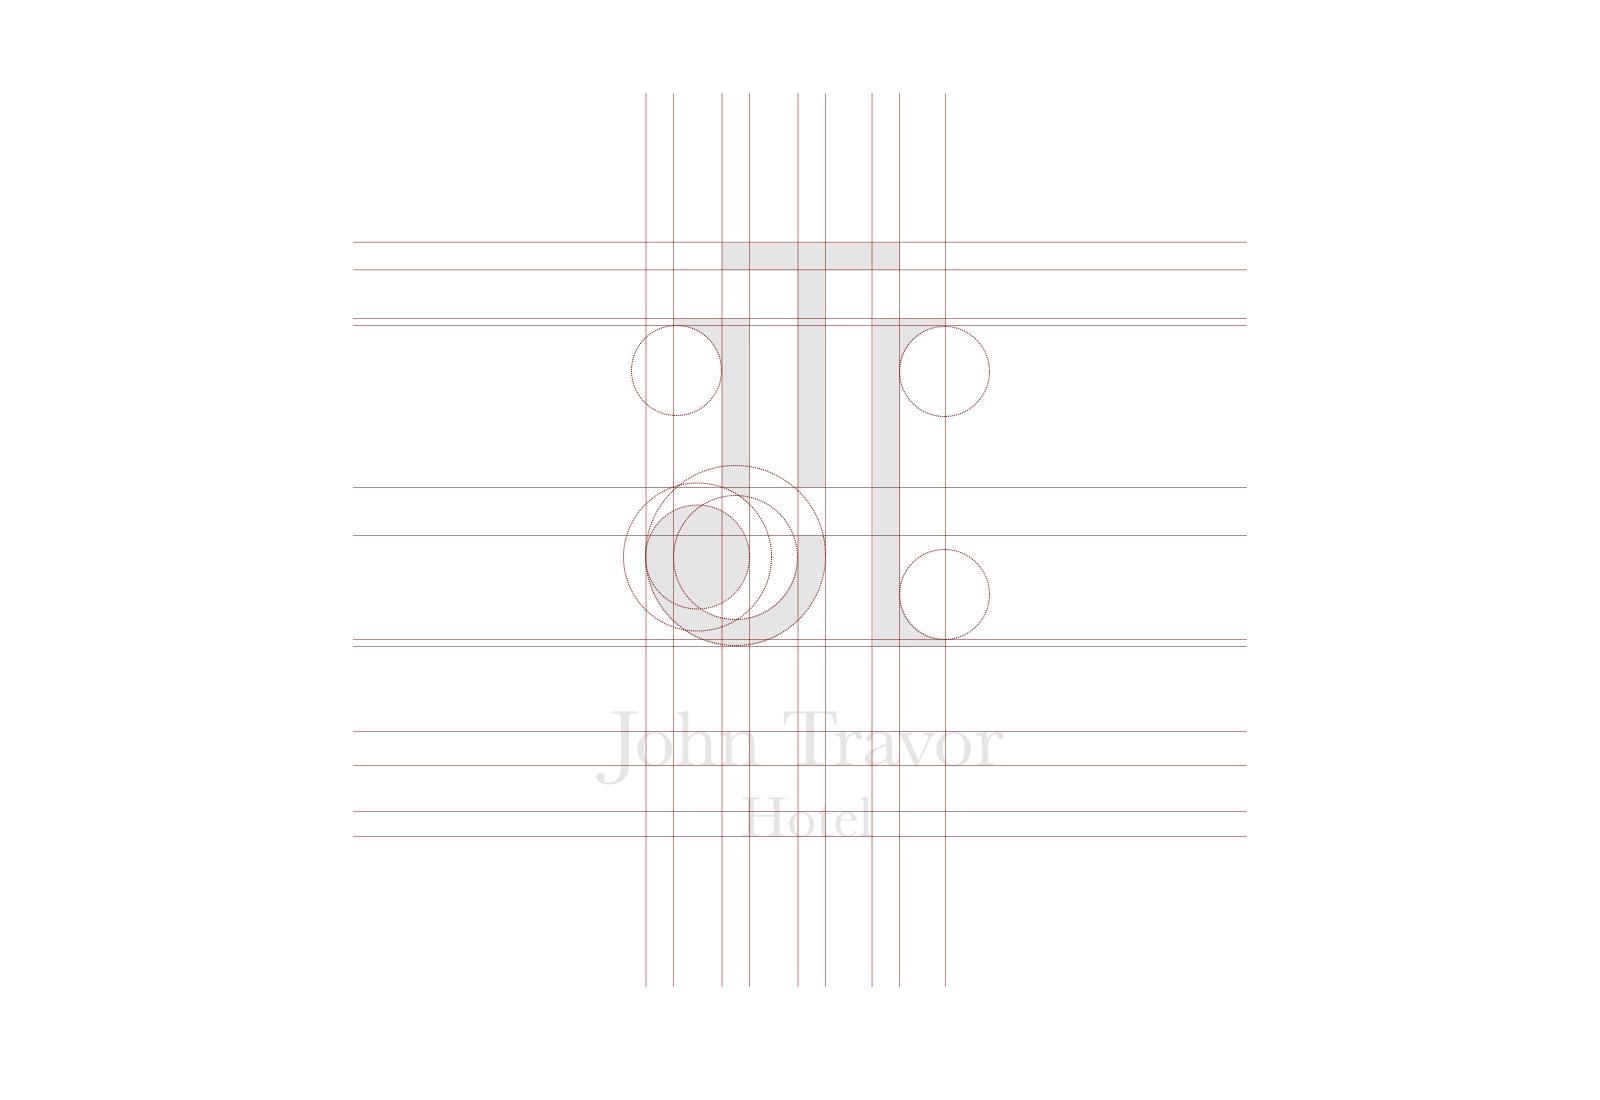 griglia di costruzione del logo di john travor hotel bordeaux su sfondo bianco